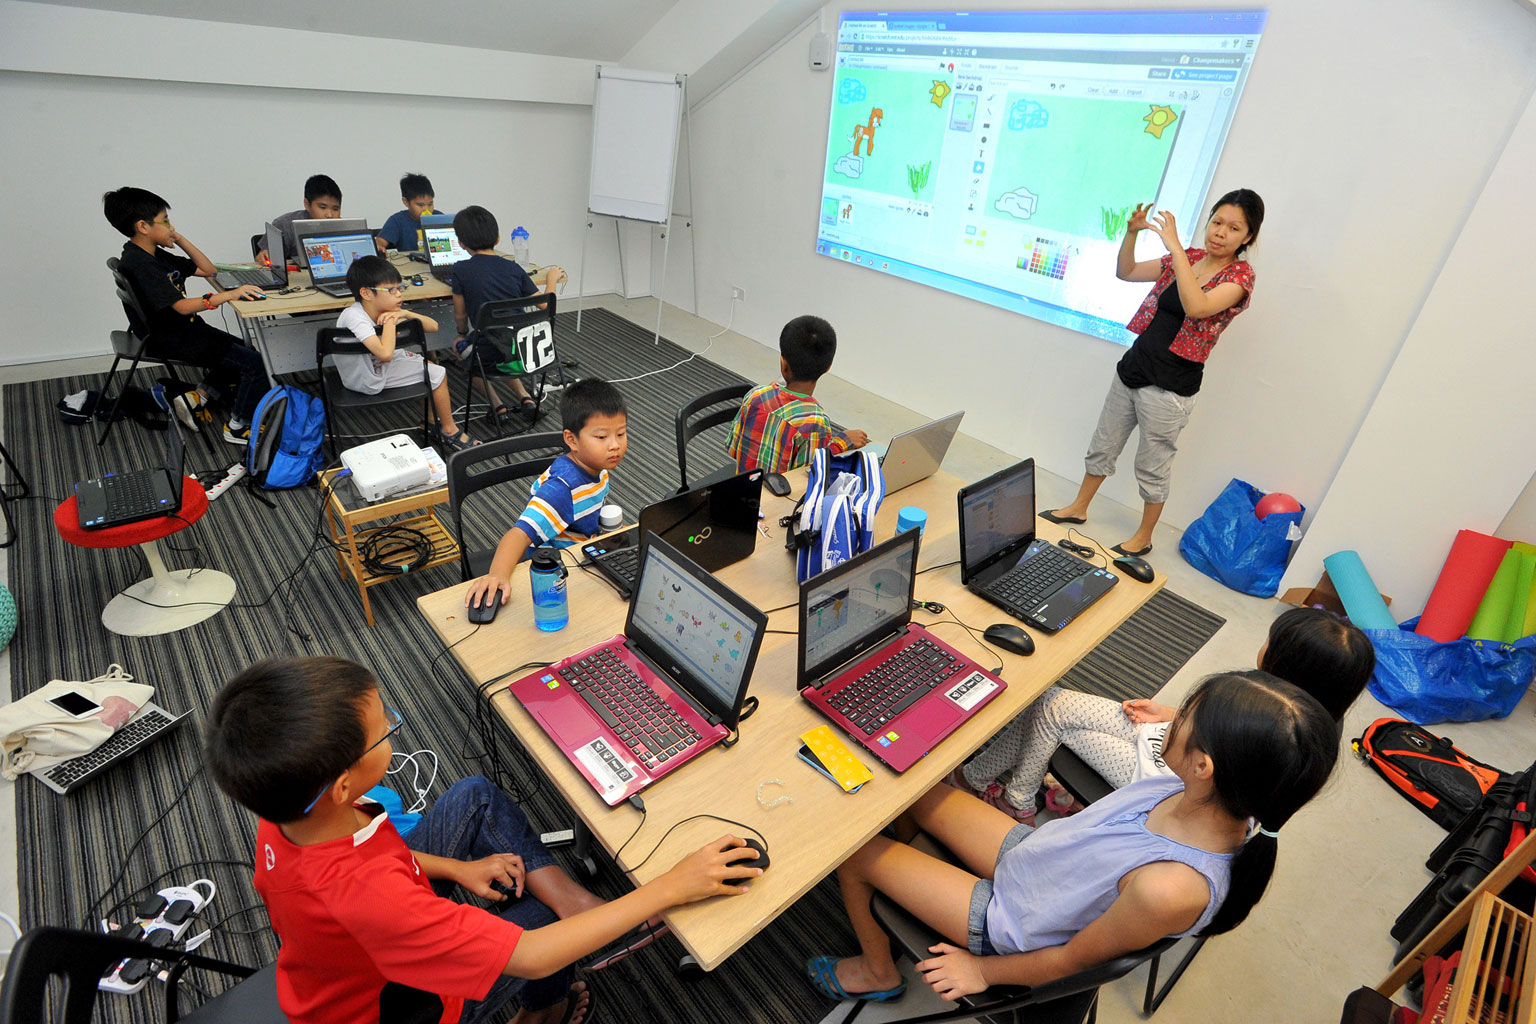 Trung tâm dạy lập trình Code for Kid là sự lựa chọn của nhiều phụ huynh